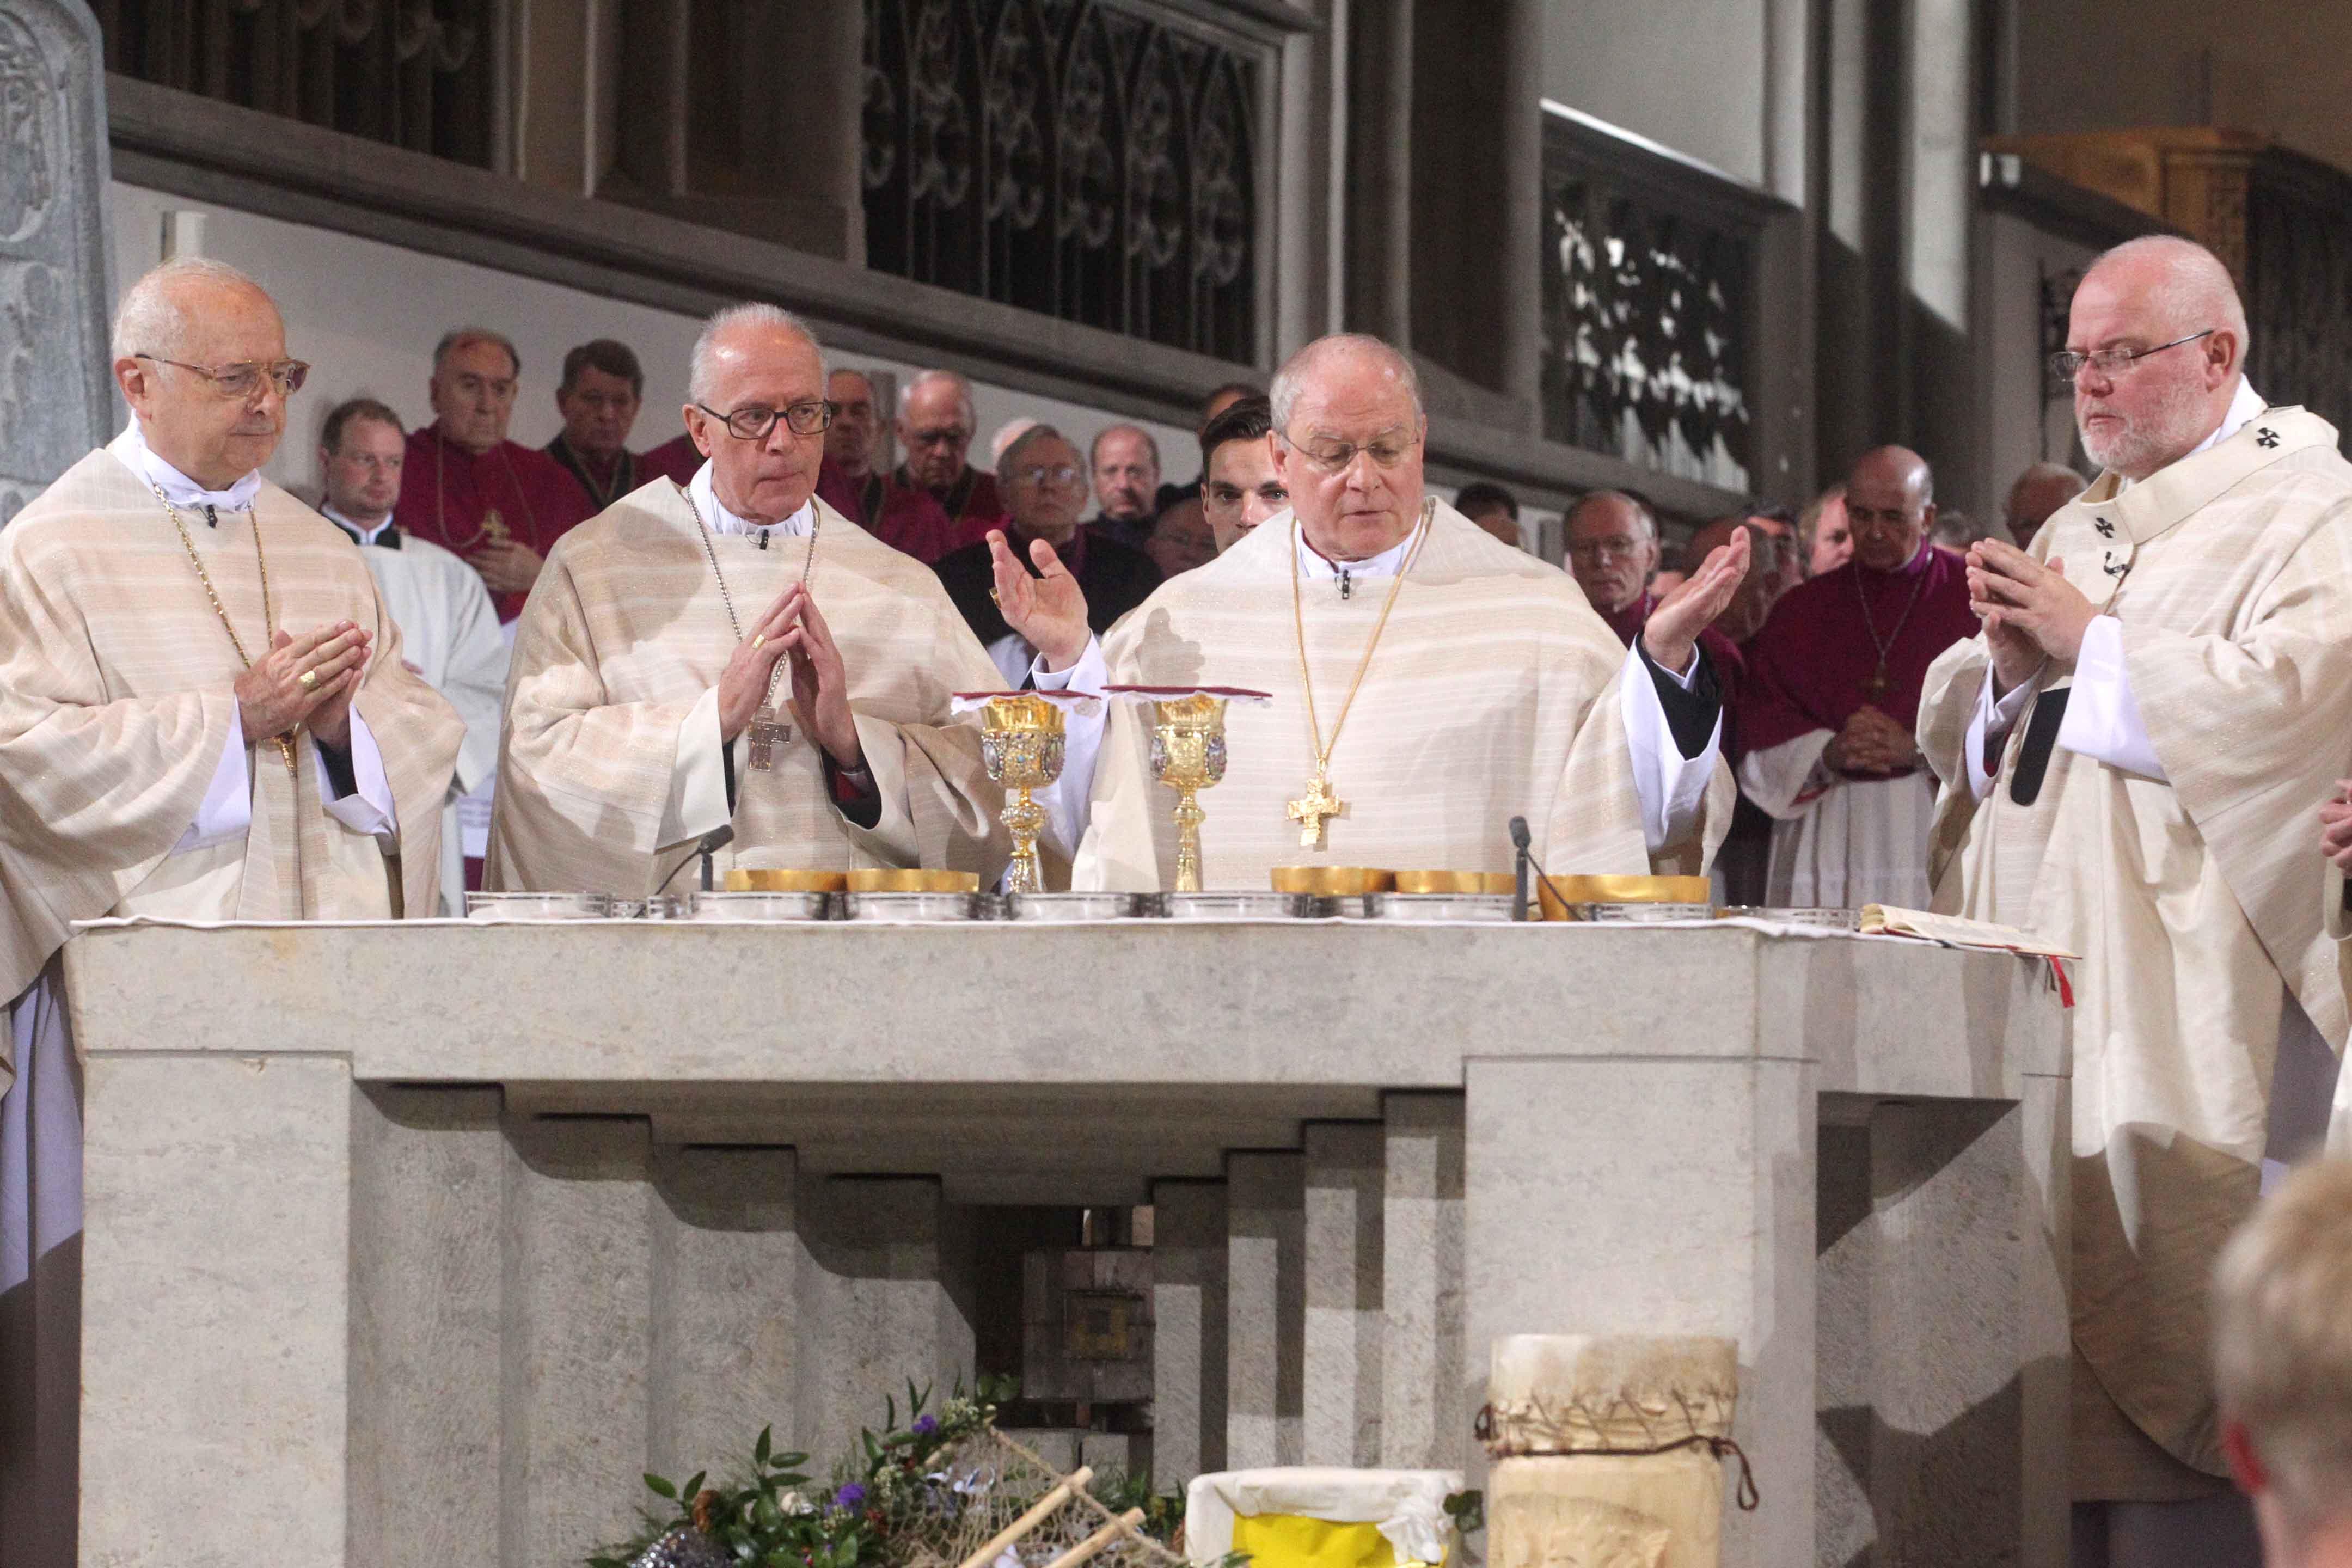 Bischof Konrad beim Pontifikalamt anlässlich seiner Amtseinführung zusammen mit Erzbischof Zollitsch, Nuntius Périsset und Erzbischof Marx am Altar.